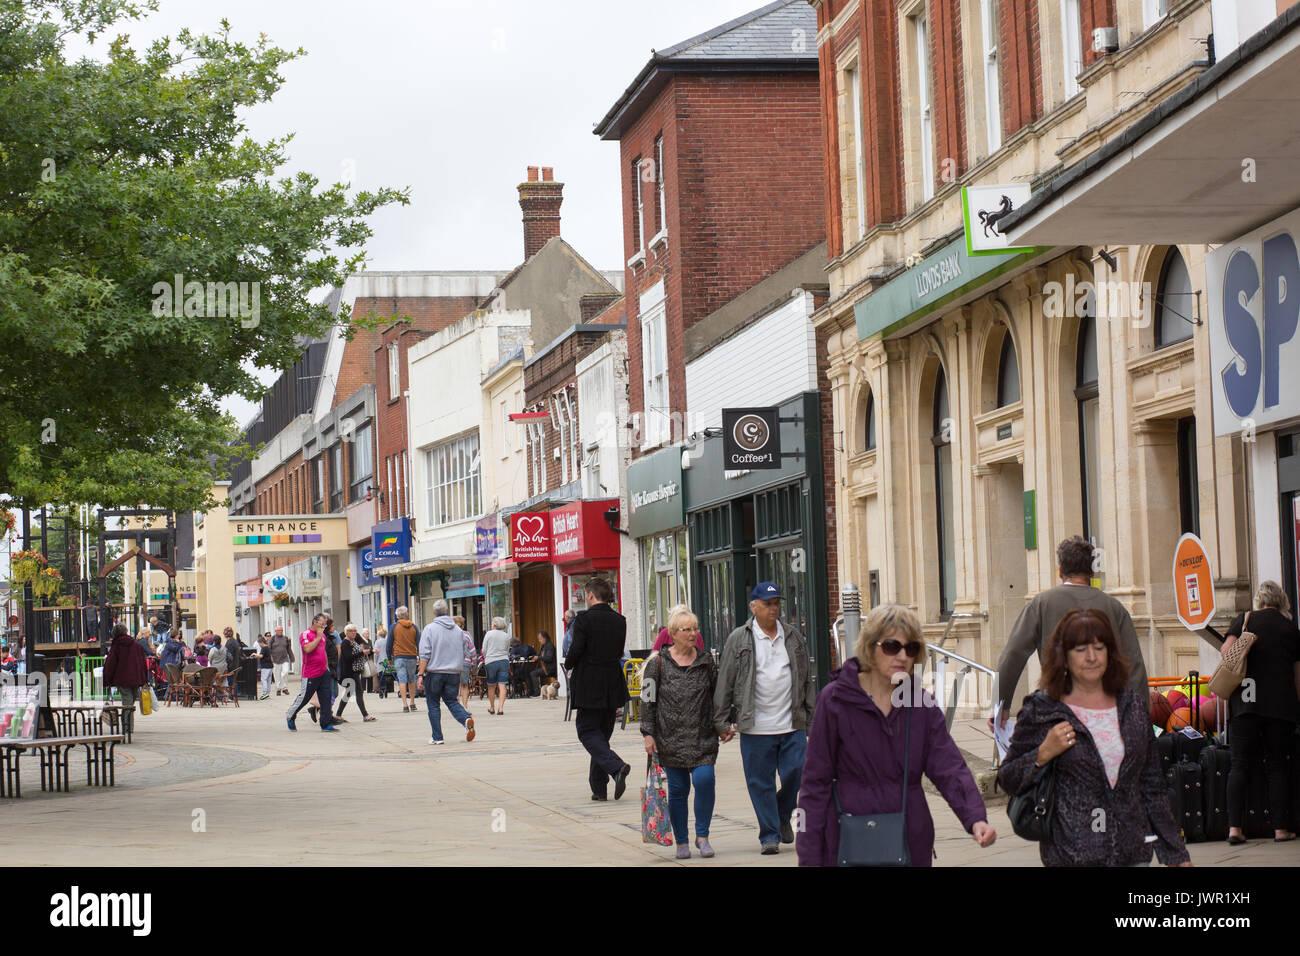 Fareham, einer kleinen Stadt in Hampshire. Das Foto zeigt die Fußgängerzone der West Street, der Haupteinkaufsstraße der Stadt. Stockbild